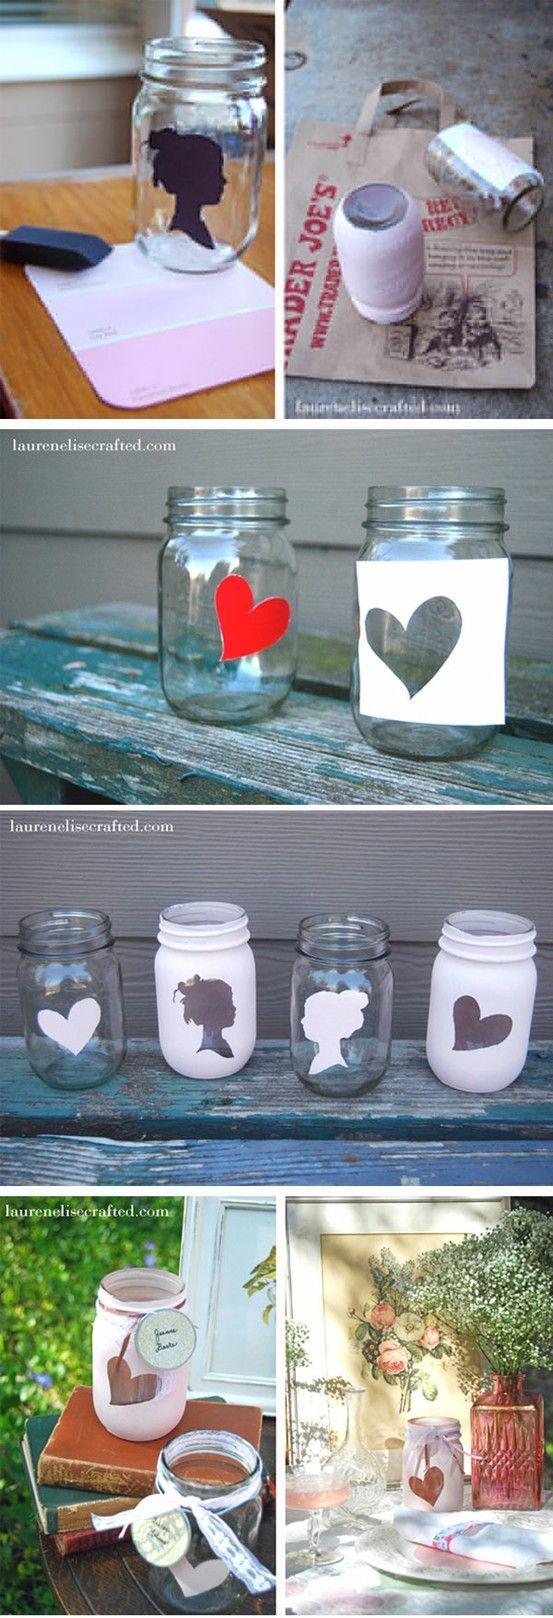 Bewerk+glazen+potjes+en+vazen+met+verf+of+touw+voor+mooie+en+goedkope+decoratie!